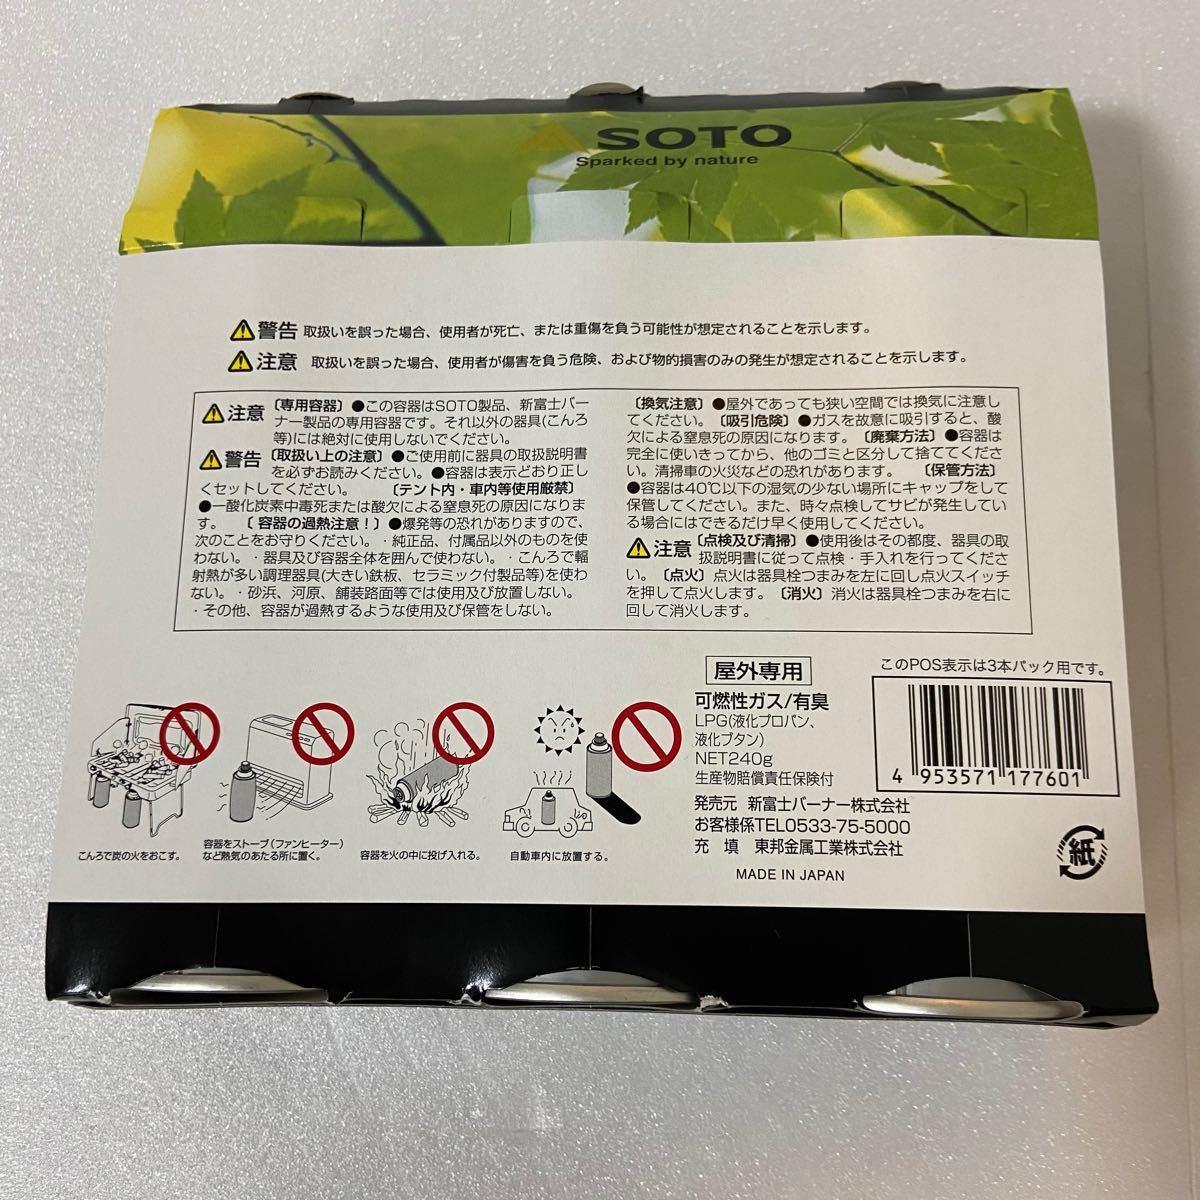 【新品】SOTO(新富士バーナー)シングルバーナー3点セット